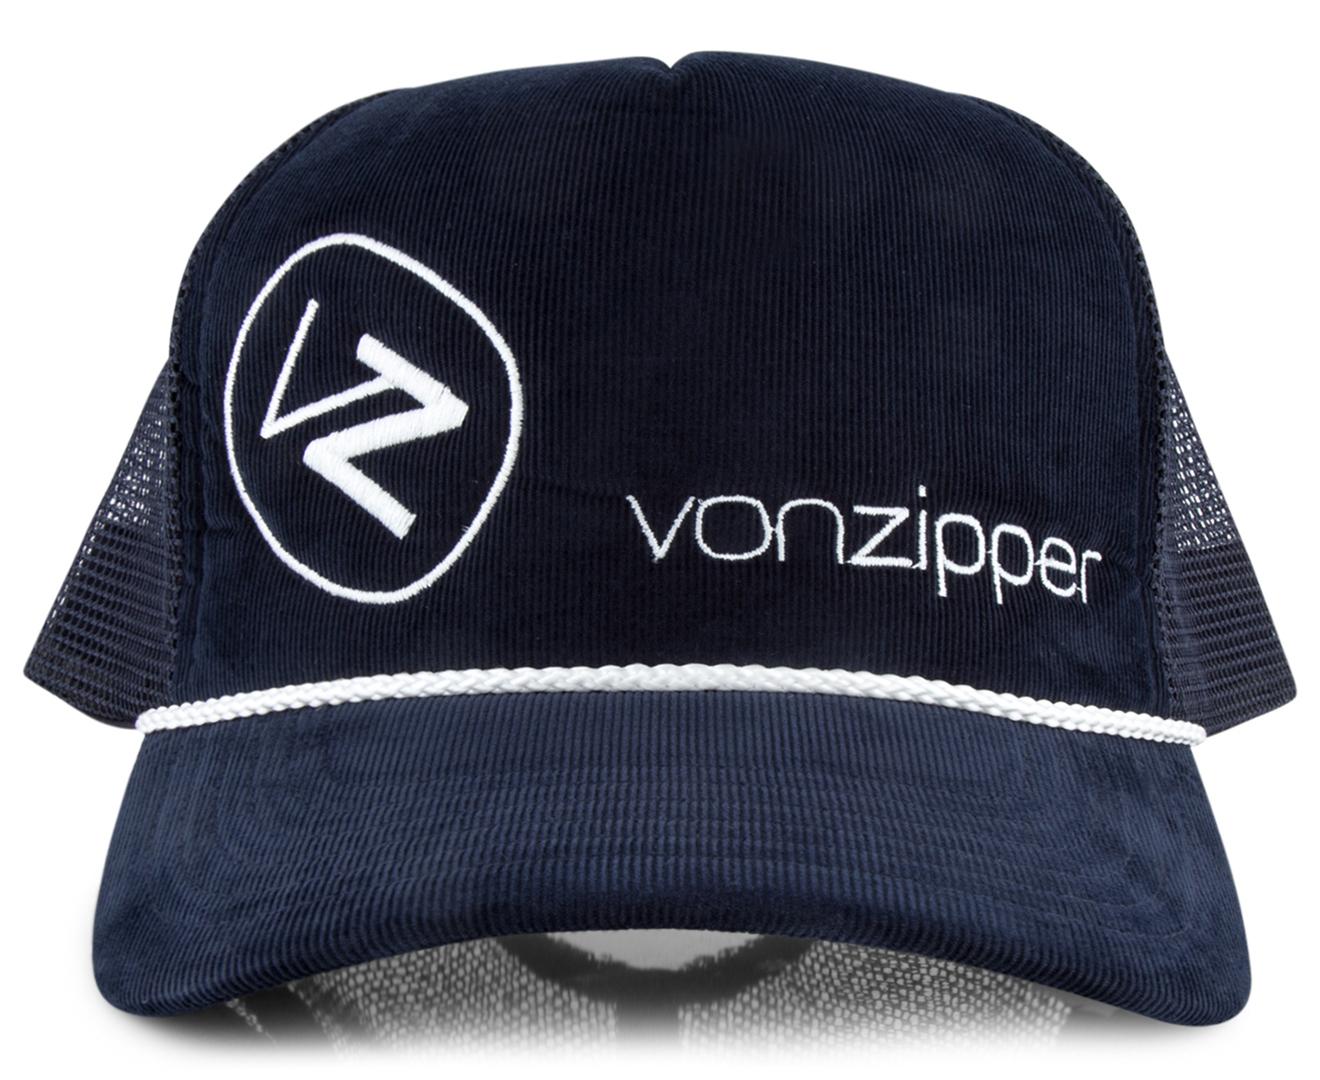 VonZipper Moby Corduroy Trucker Cap - Navy  8af98db5c77